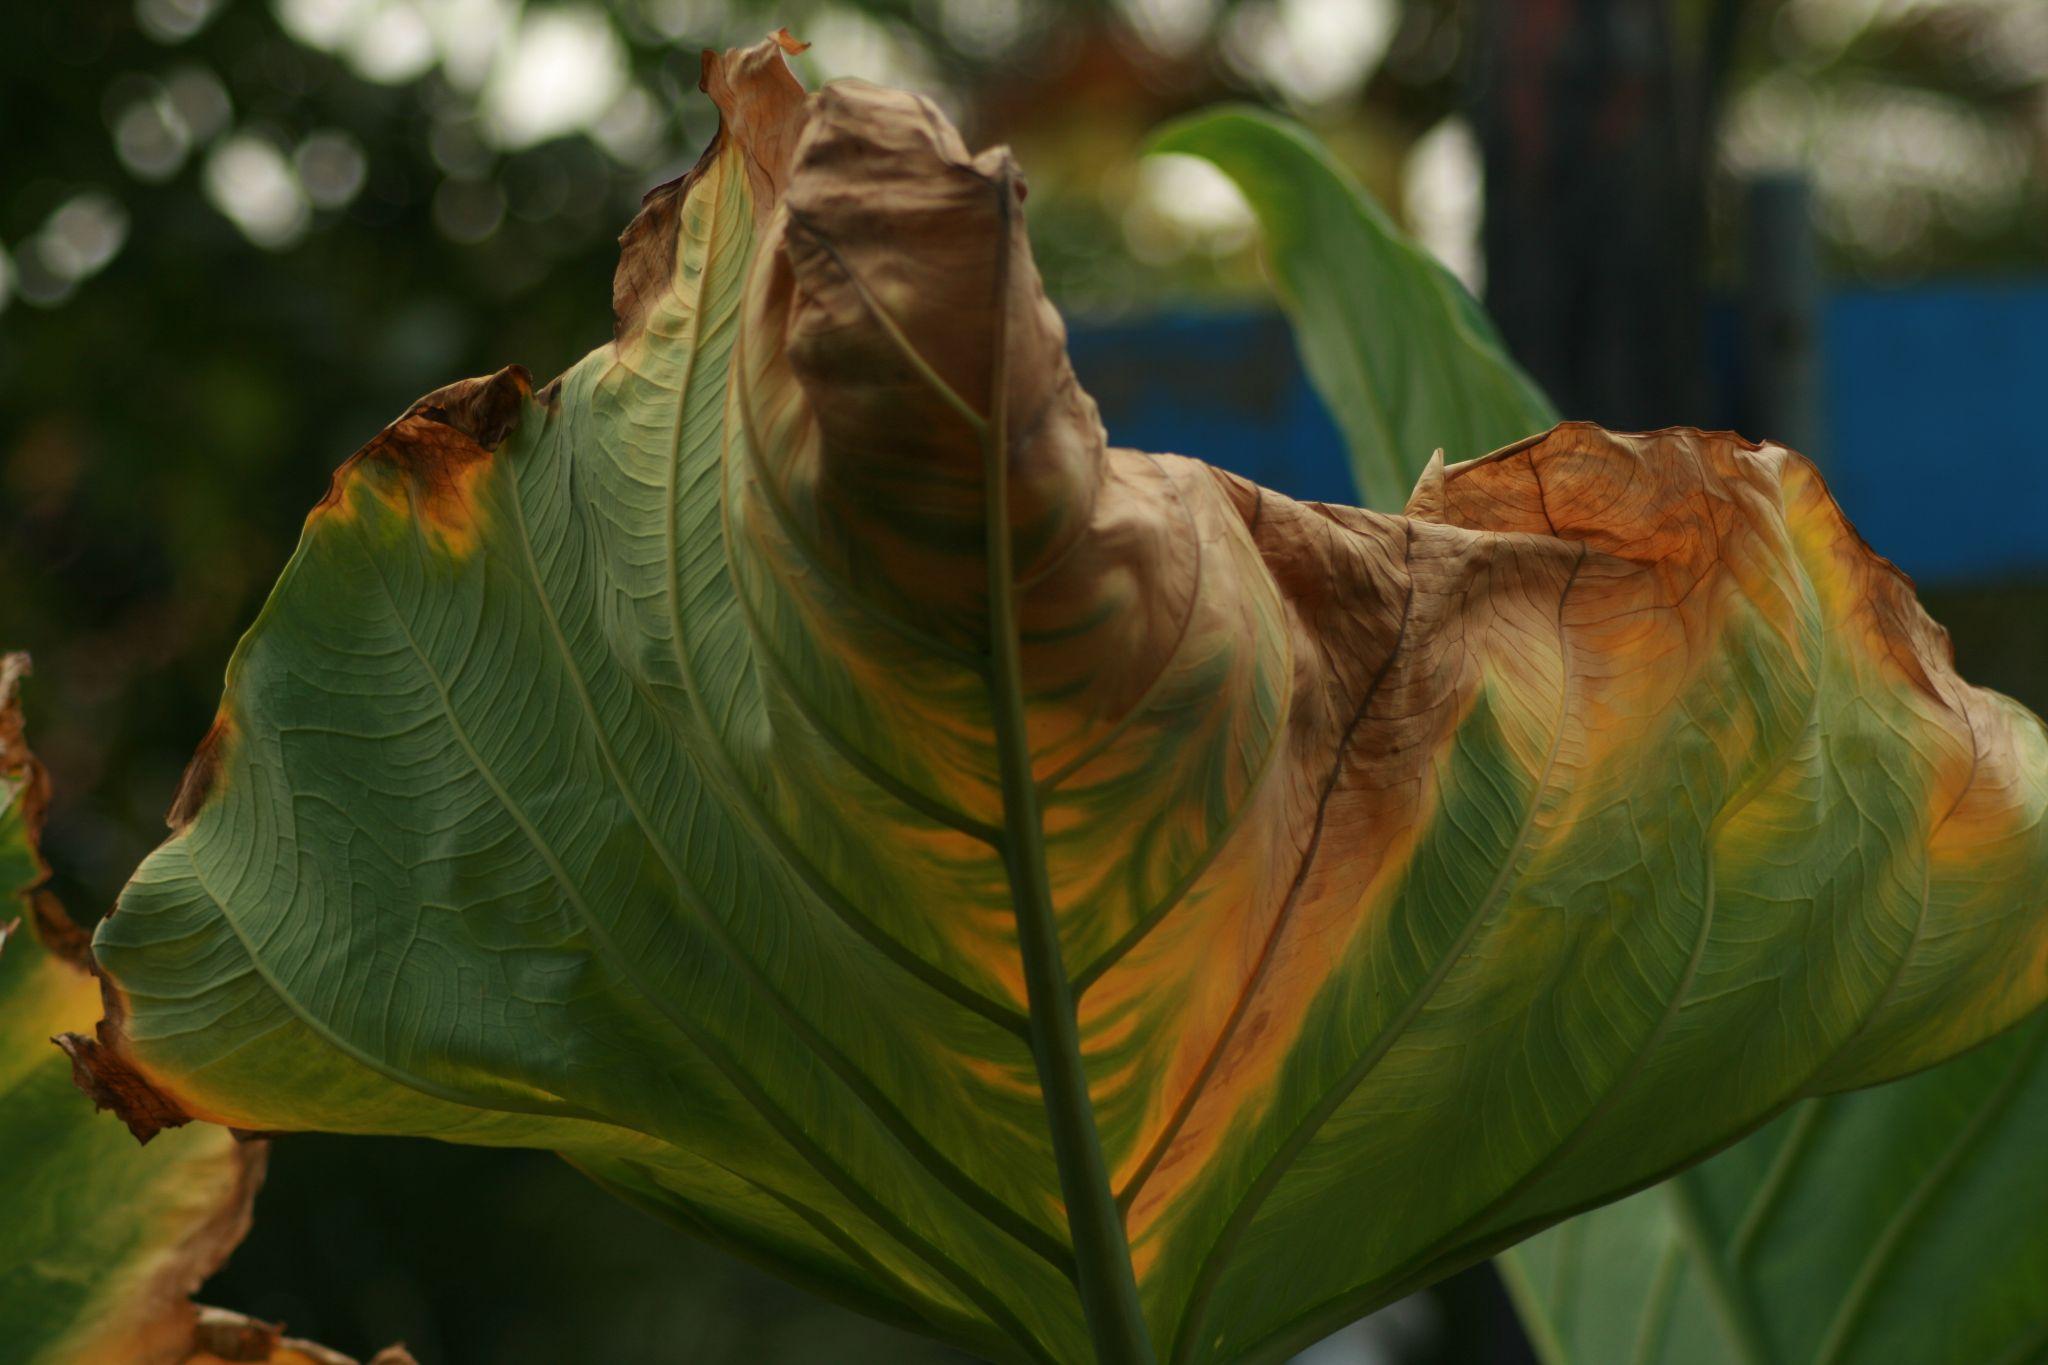 shrink leaf by masedlolur